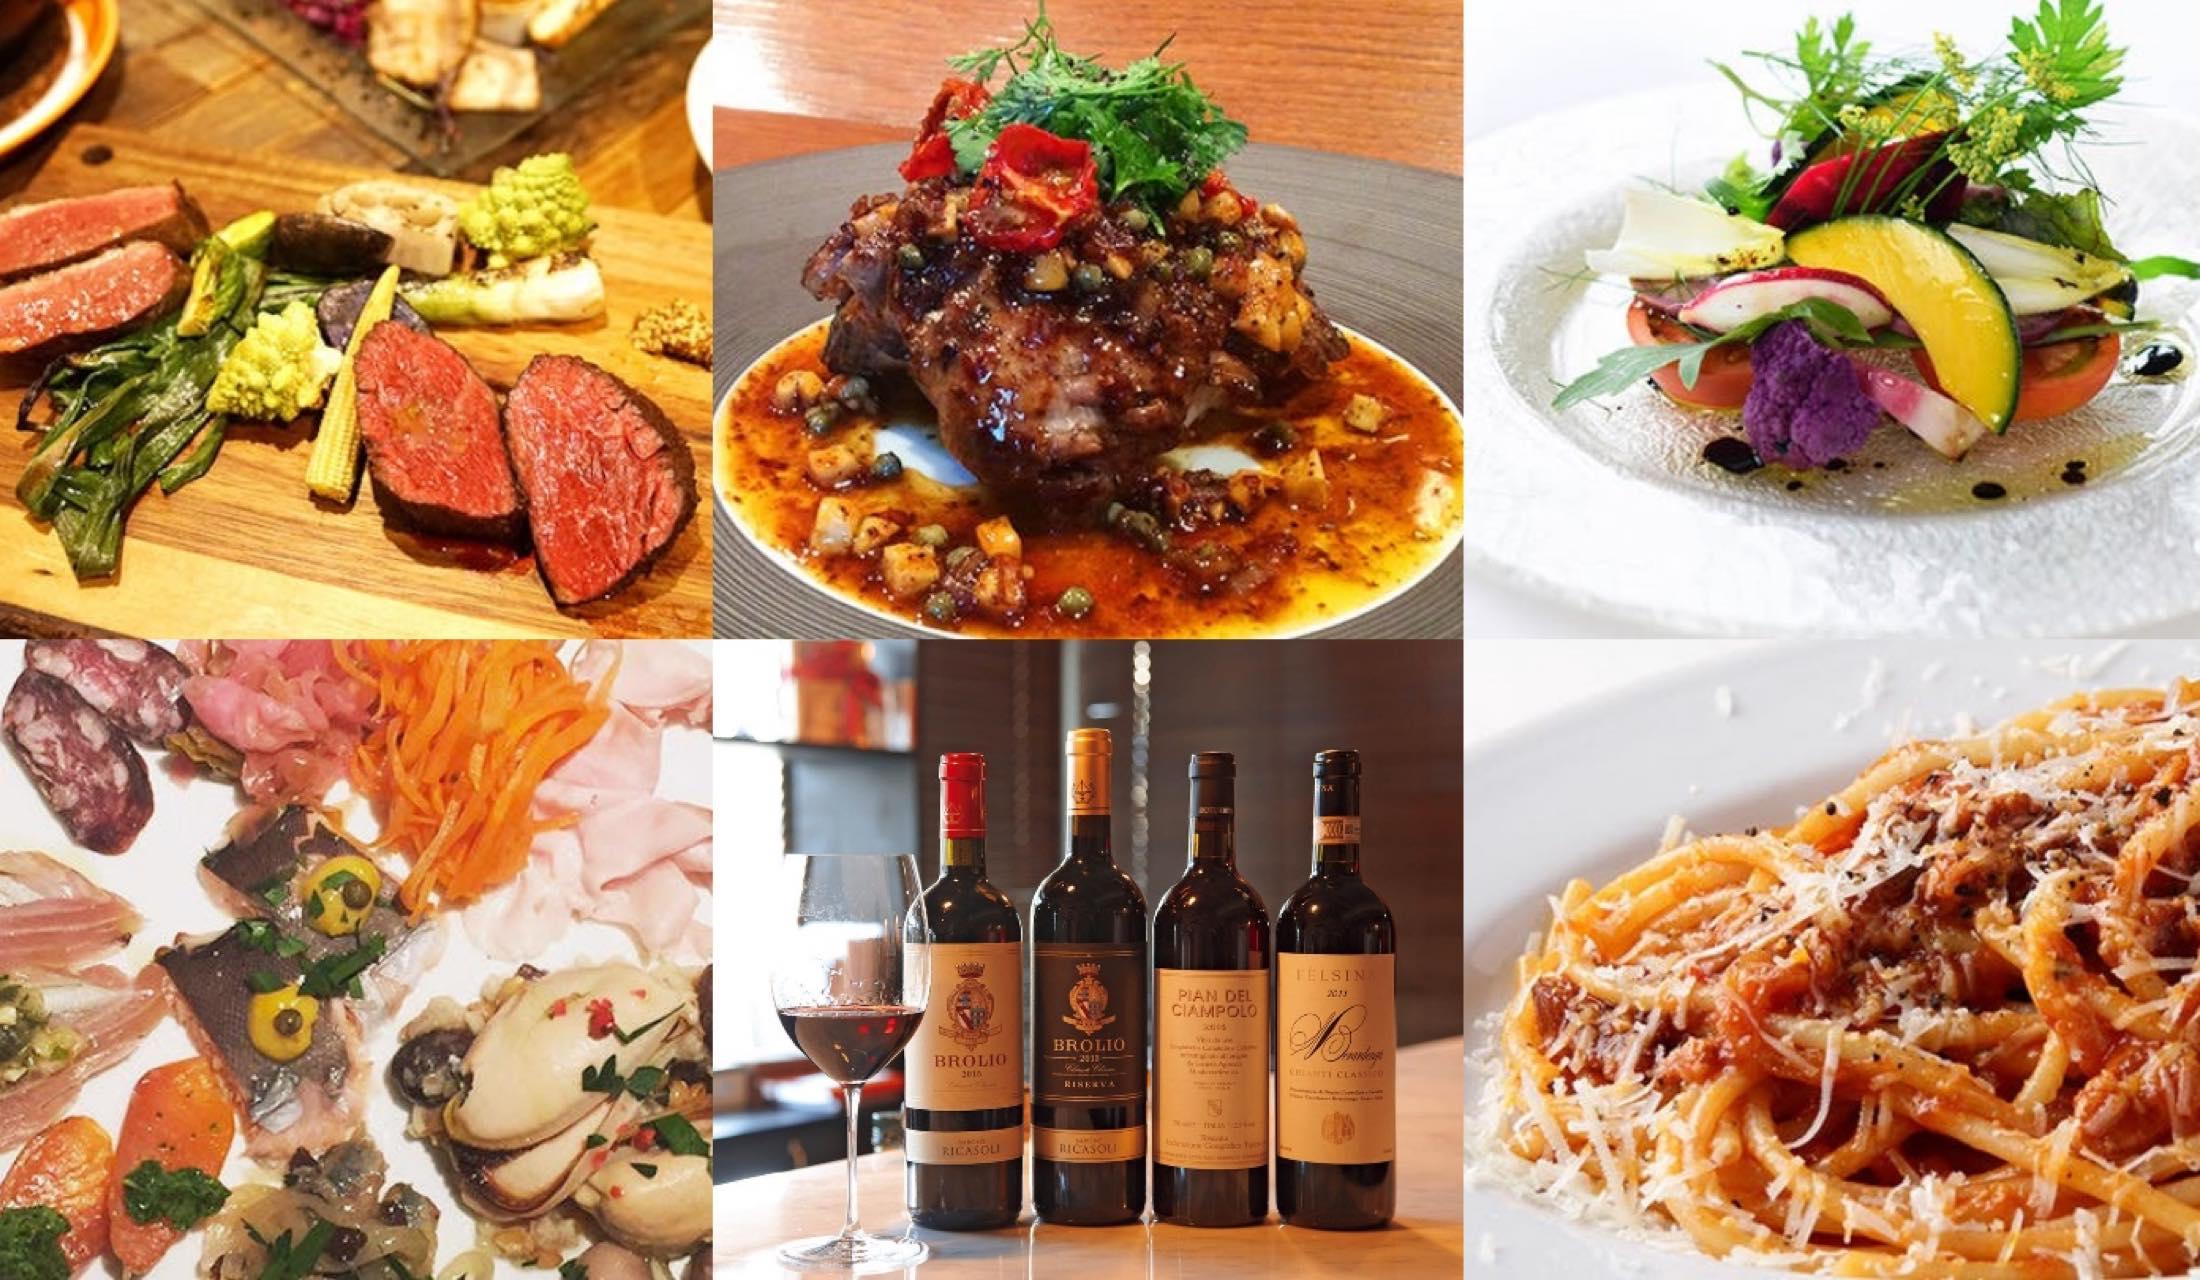 三軒茶屋のイタリアン6店舗の料理やワイン